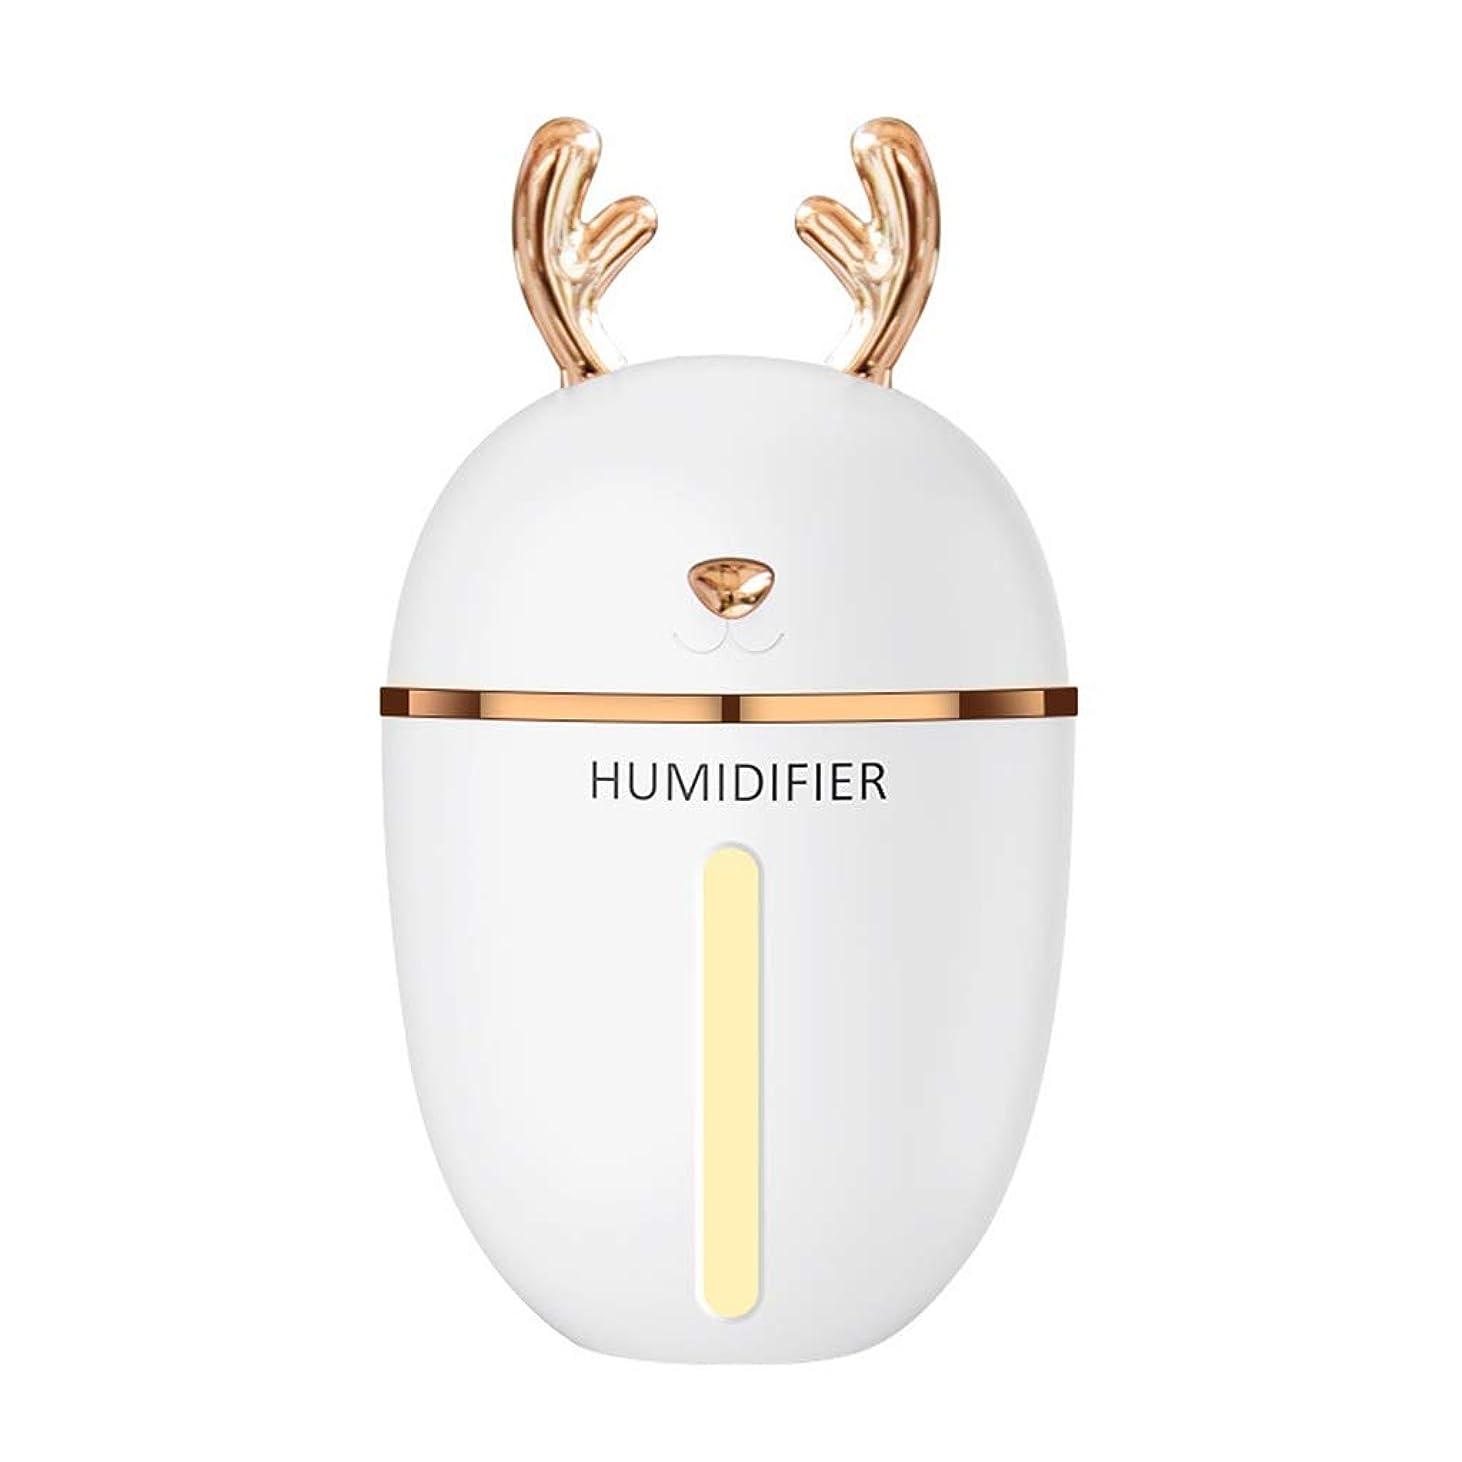 LZAQ 加湿器usbミストmenglu ledインテークライト280ミリリットルポータブルエアアロマディフューザーモイスチャライザースプレー静かな操作寝室子供ベビールームミニ加湿器 TTT001 (Color : White)